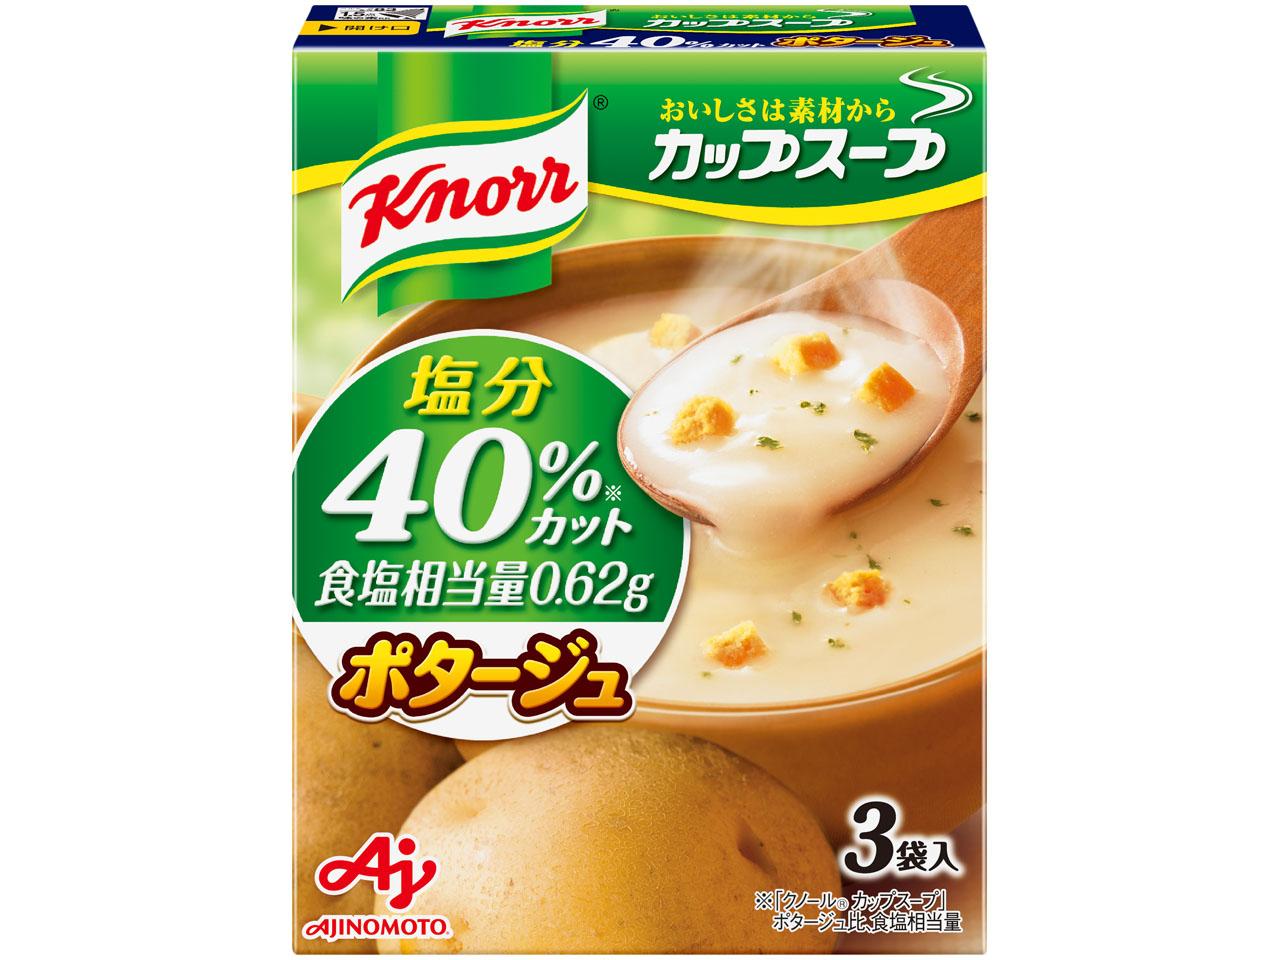 「クノール カップスープ」ポタージュ塩分40%カット